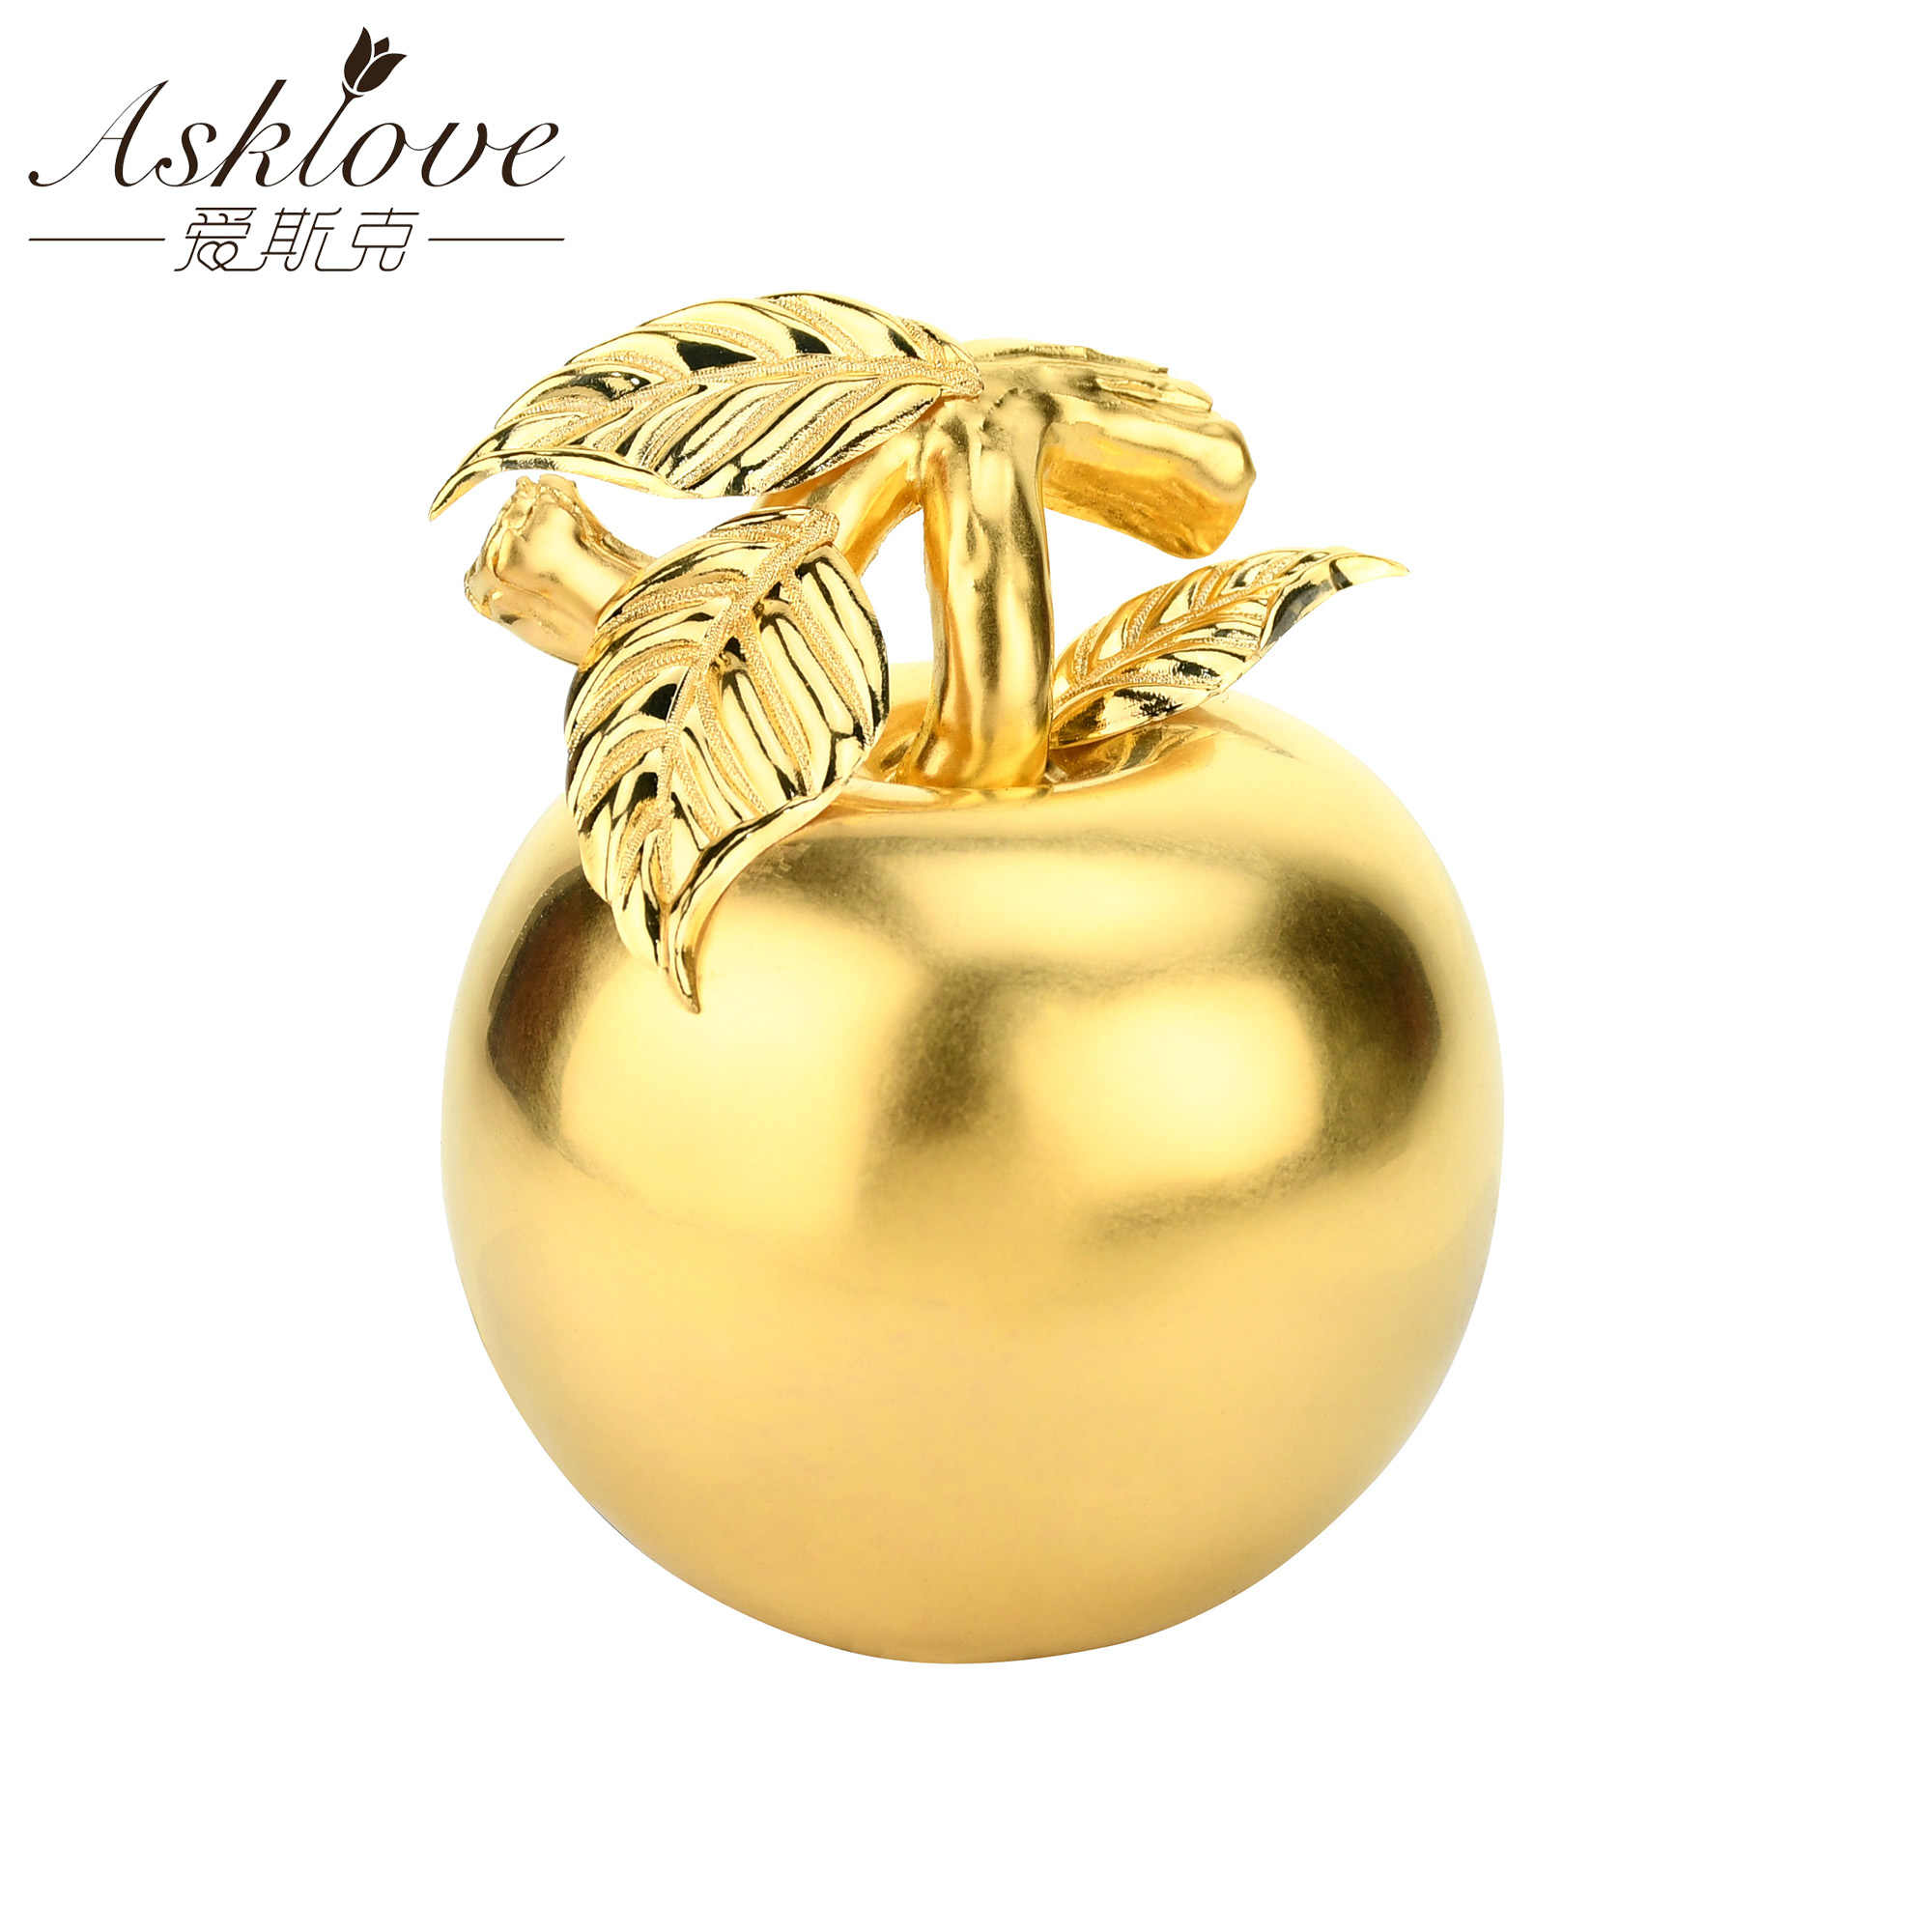 Sztuczne złoto jabłko świąteczne dekoracje 24k złota folia Ornament kreatywne prezenty na nowy rok luksusowe wyposażenie domu ze szklaną pokrywą